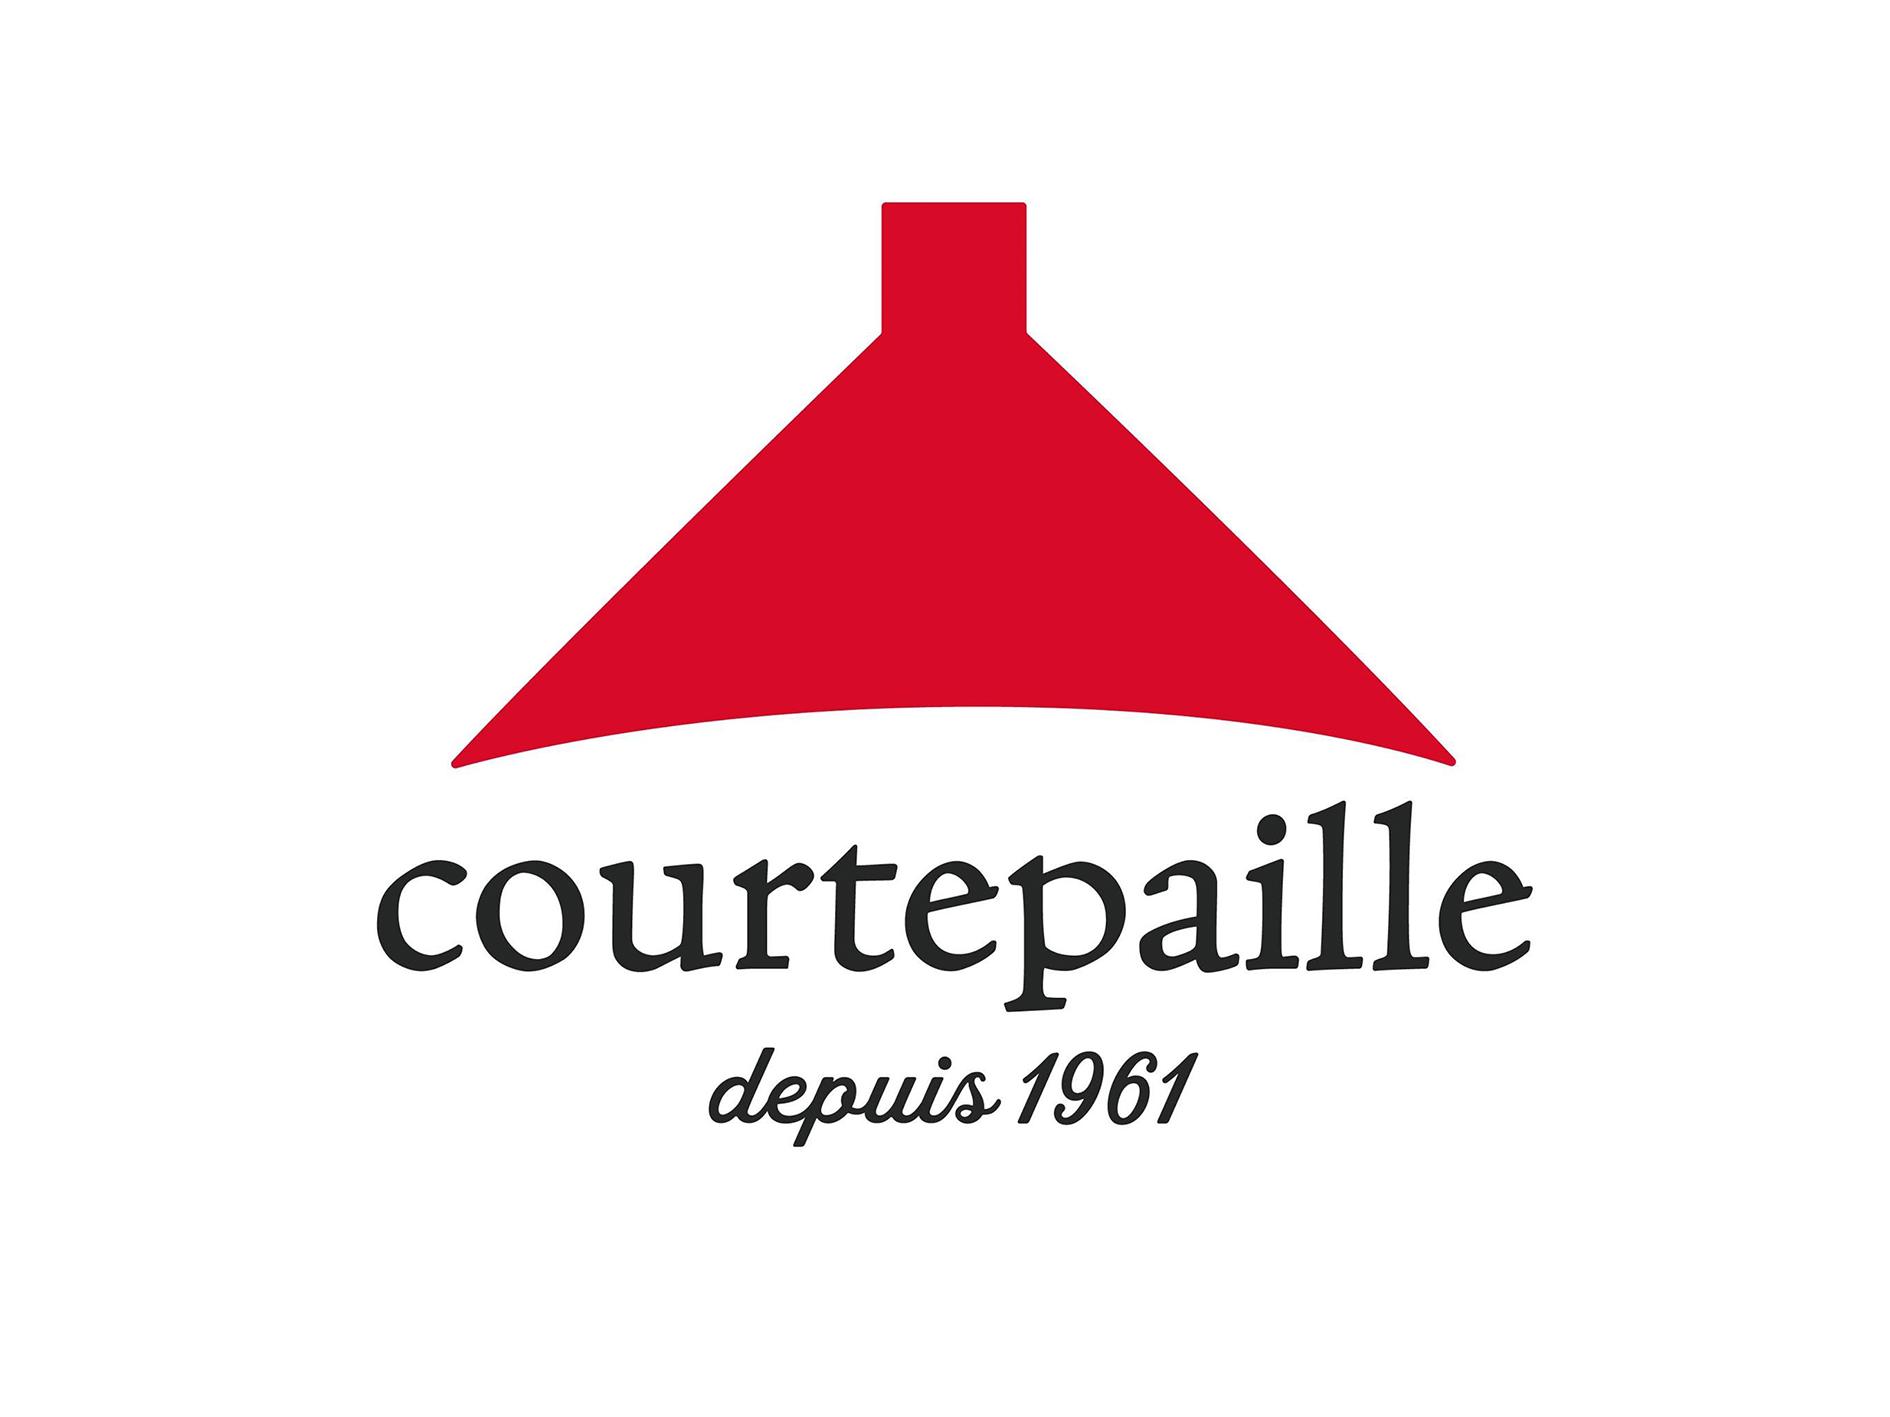 courtepaille logo